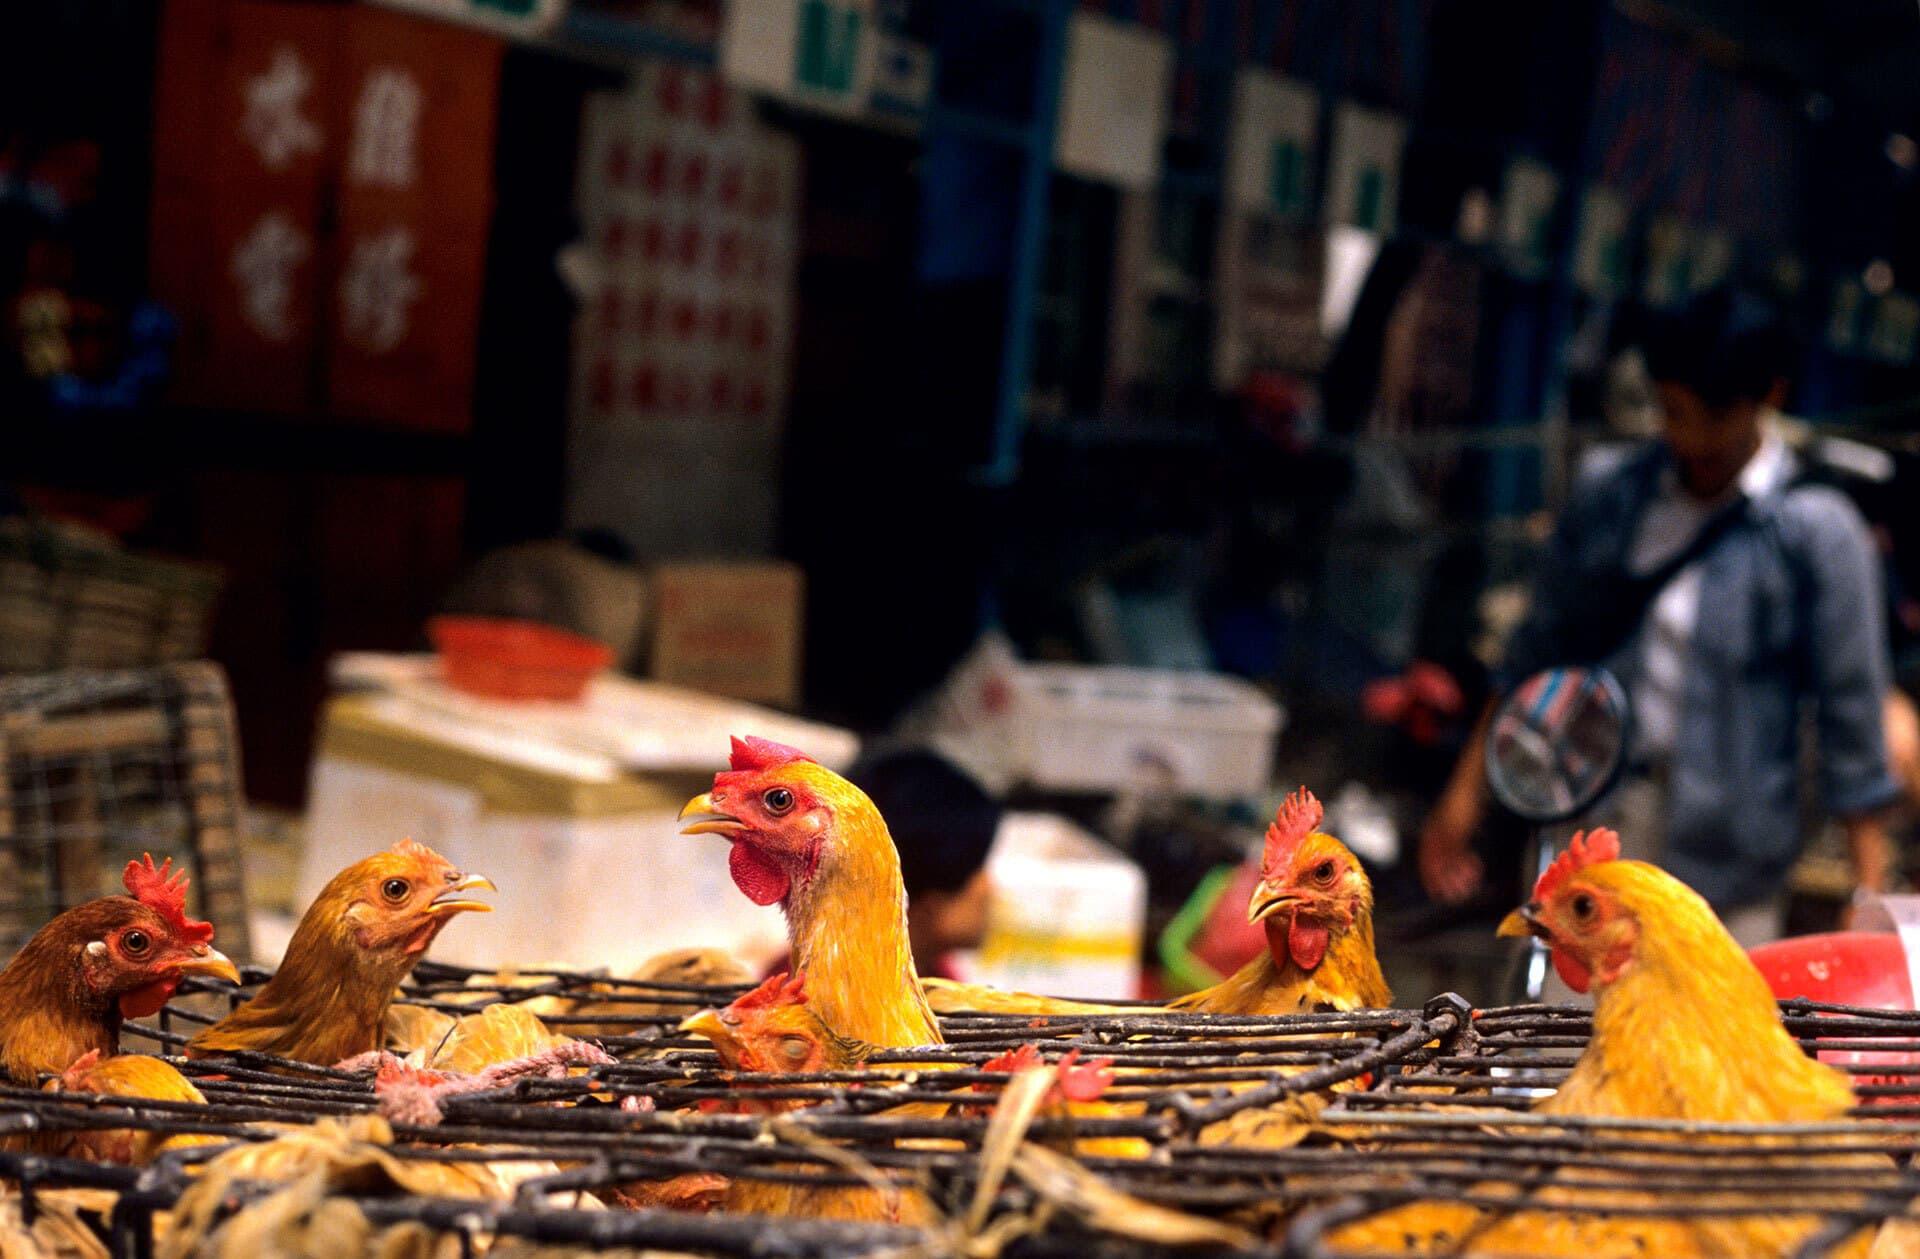 Hühner in engen Käfigen auf einem Wildtiermarkt